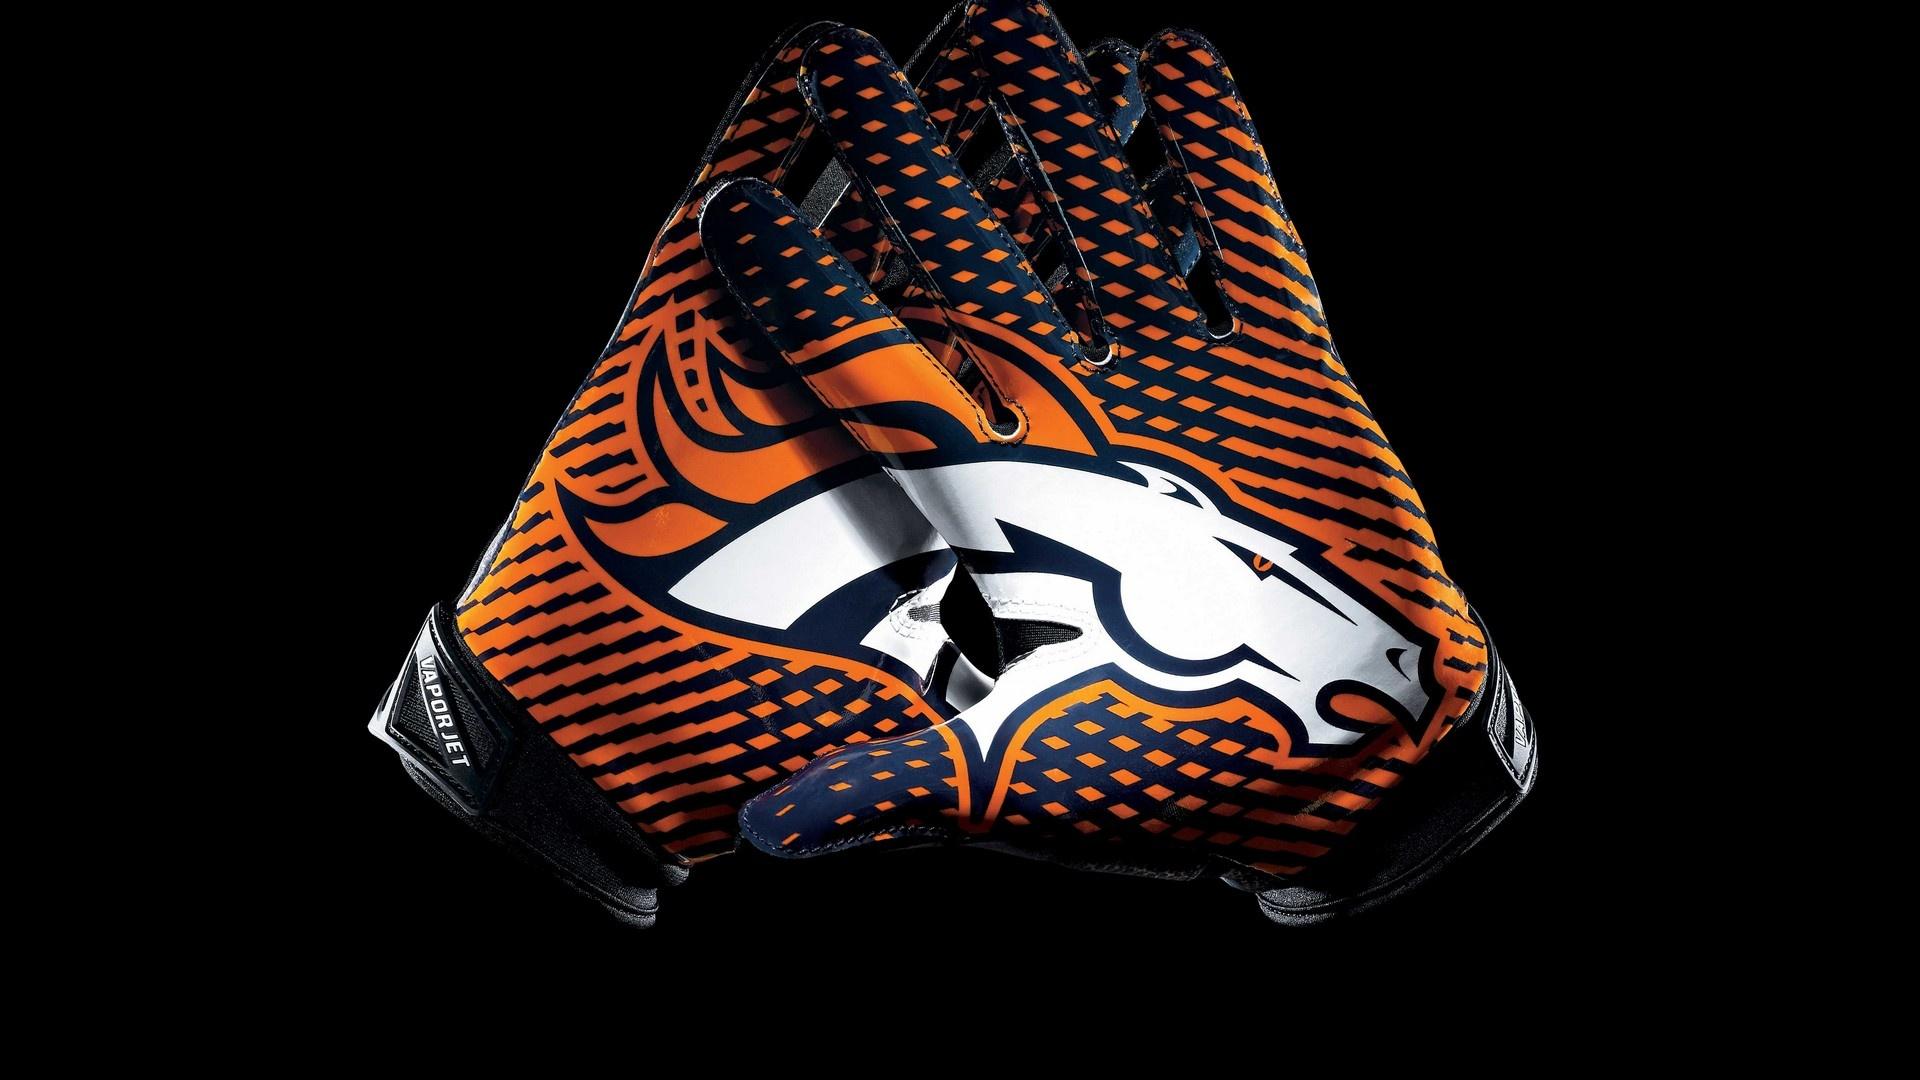 Denver Broncos laptop wallpaper